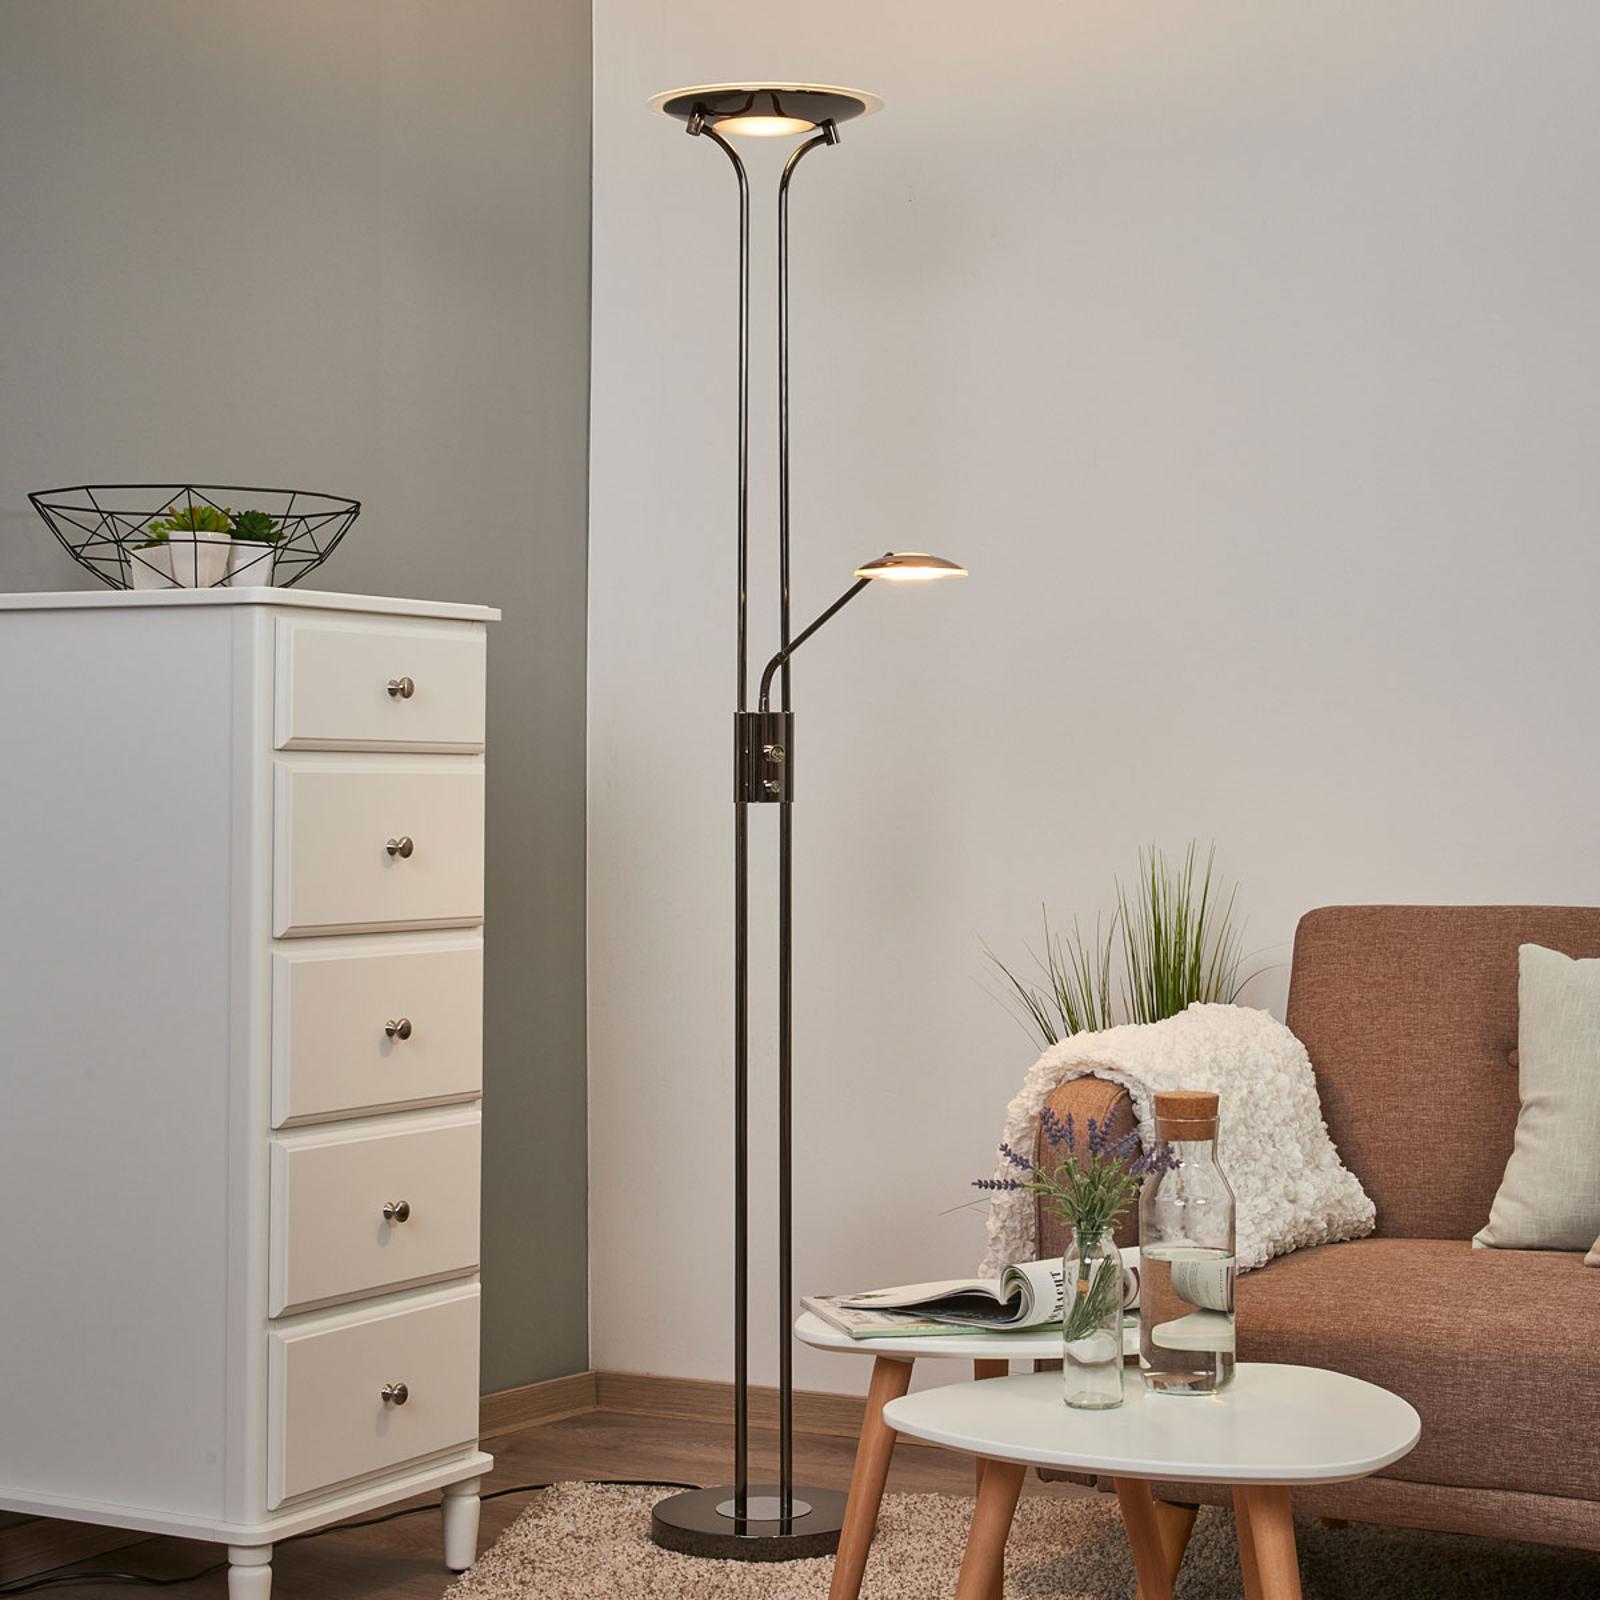 Glänsande LED-uplight Aras, svart förkromad